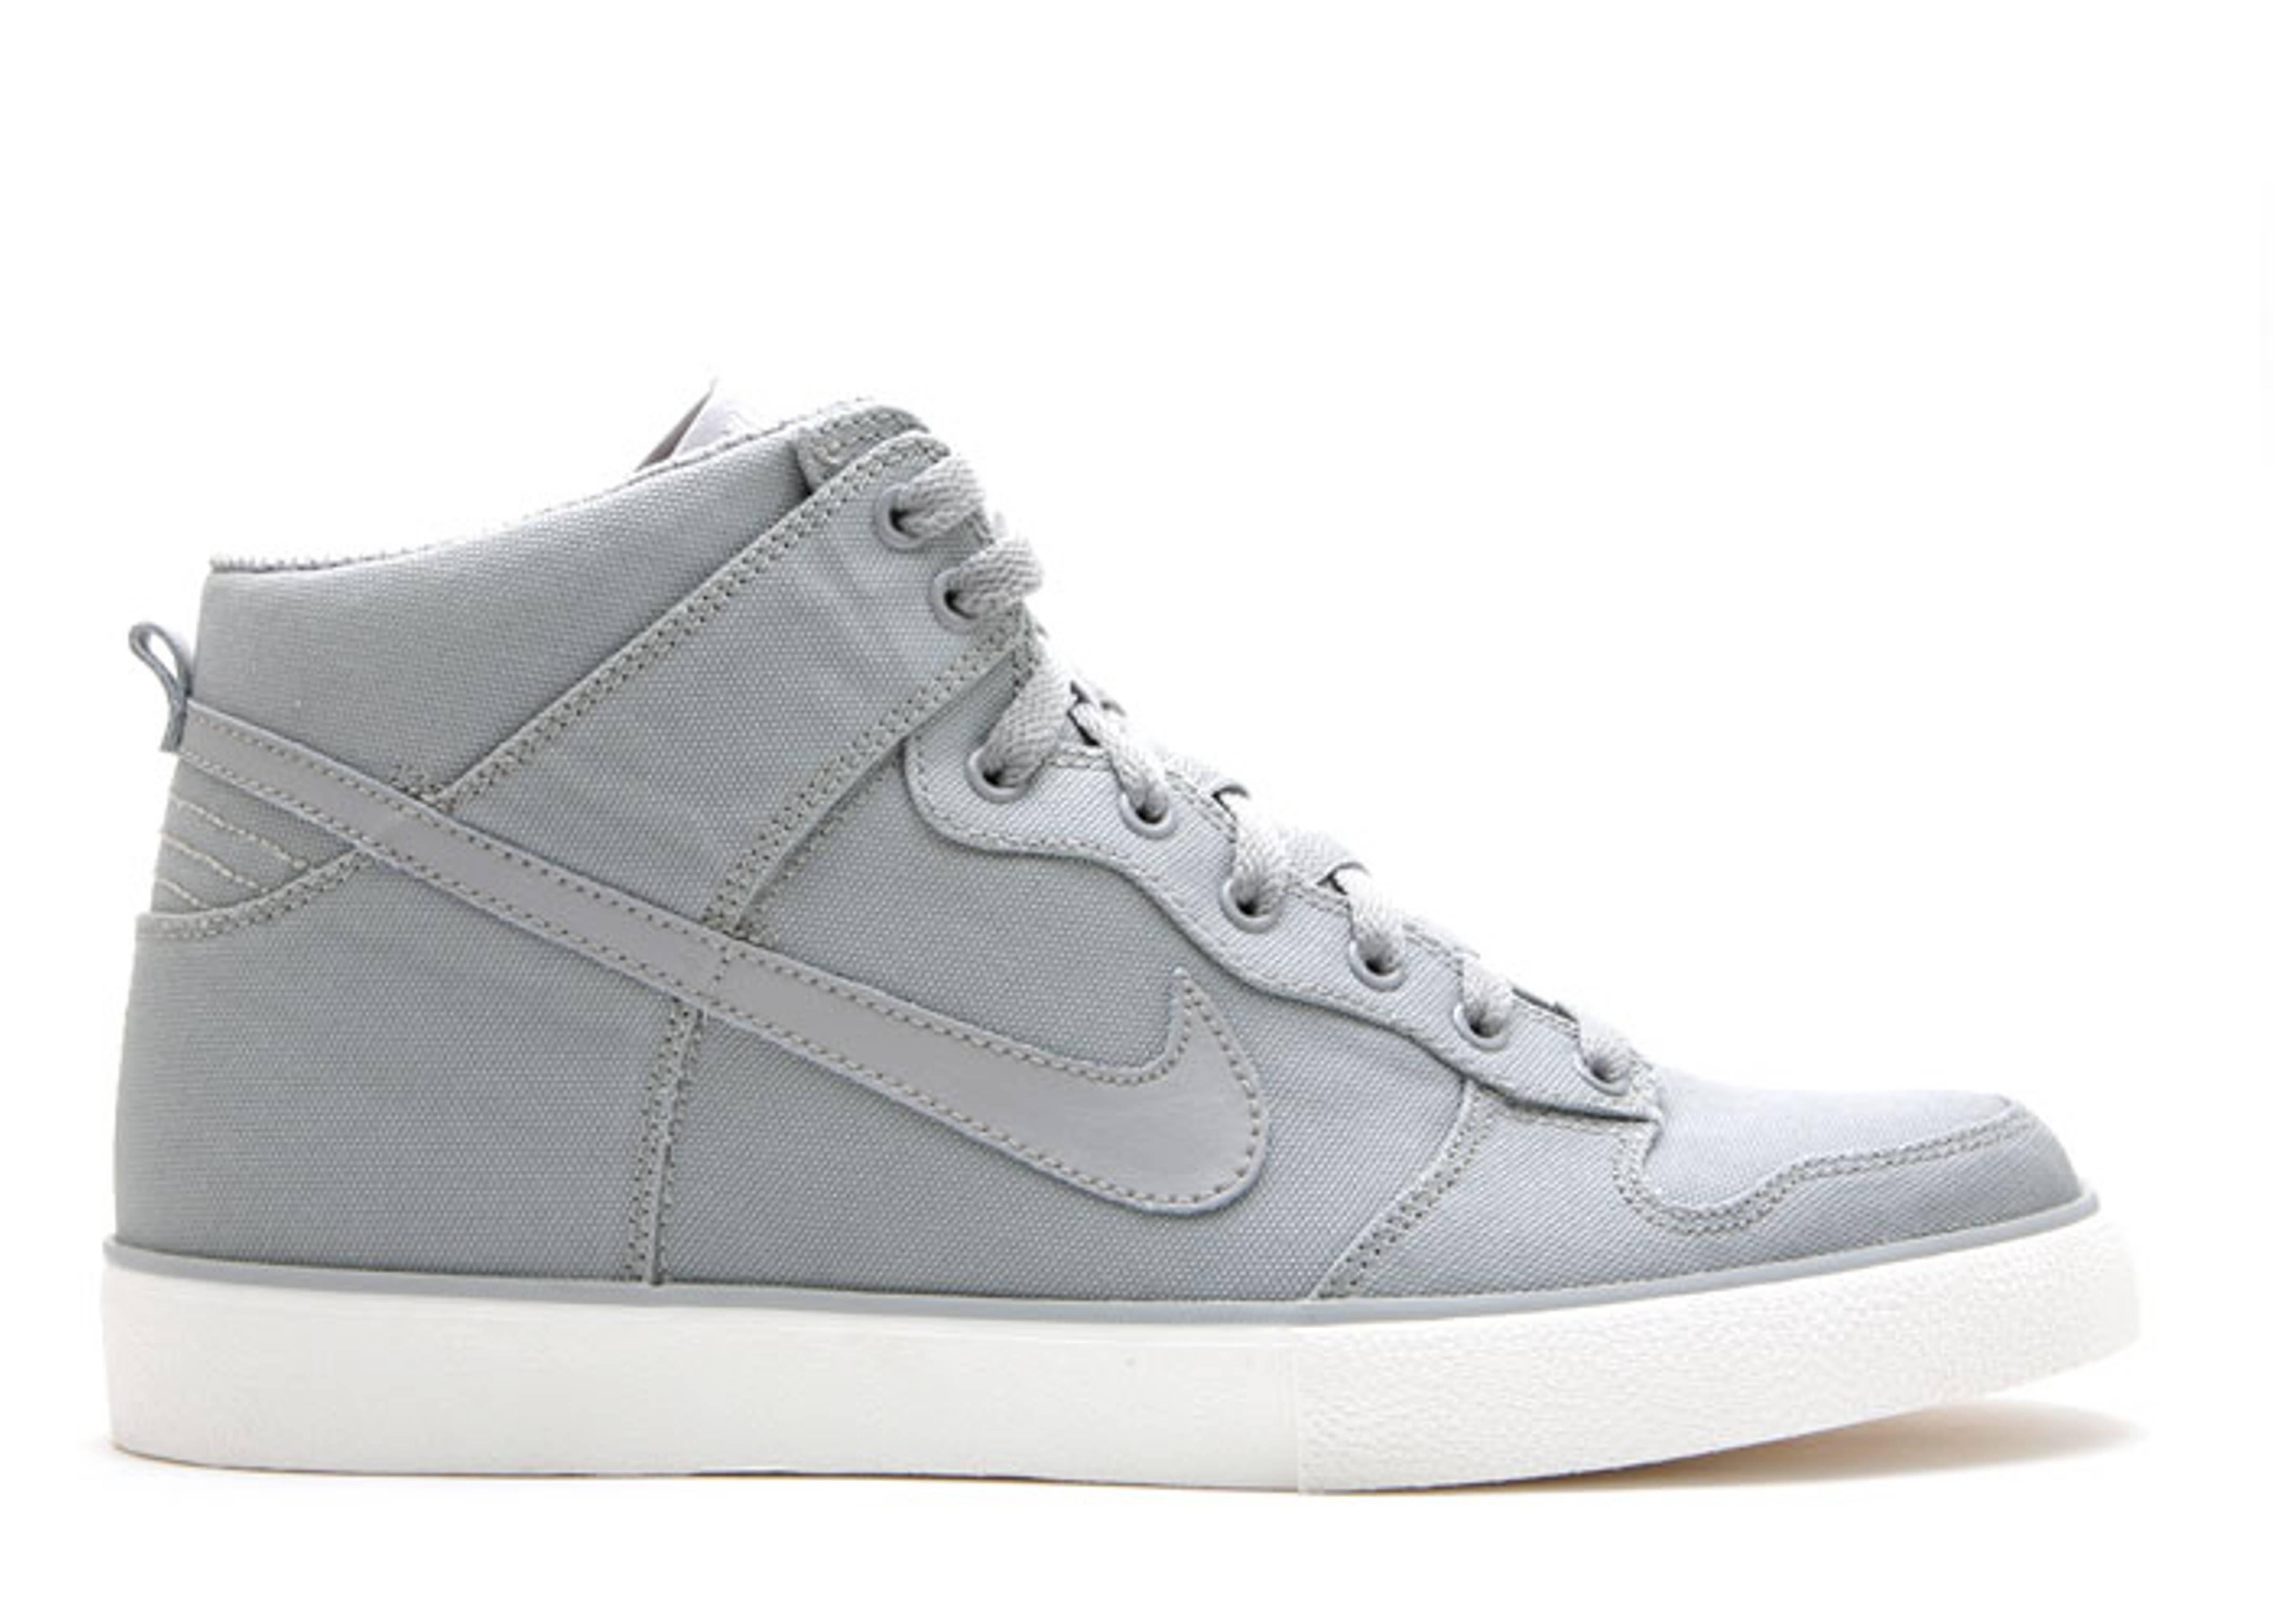 Nike Dunk High AC Shoe